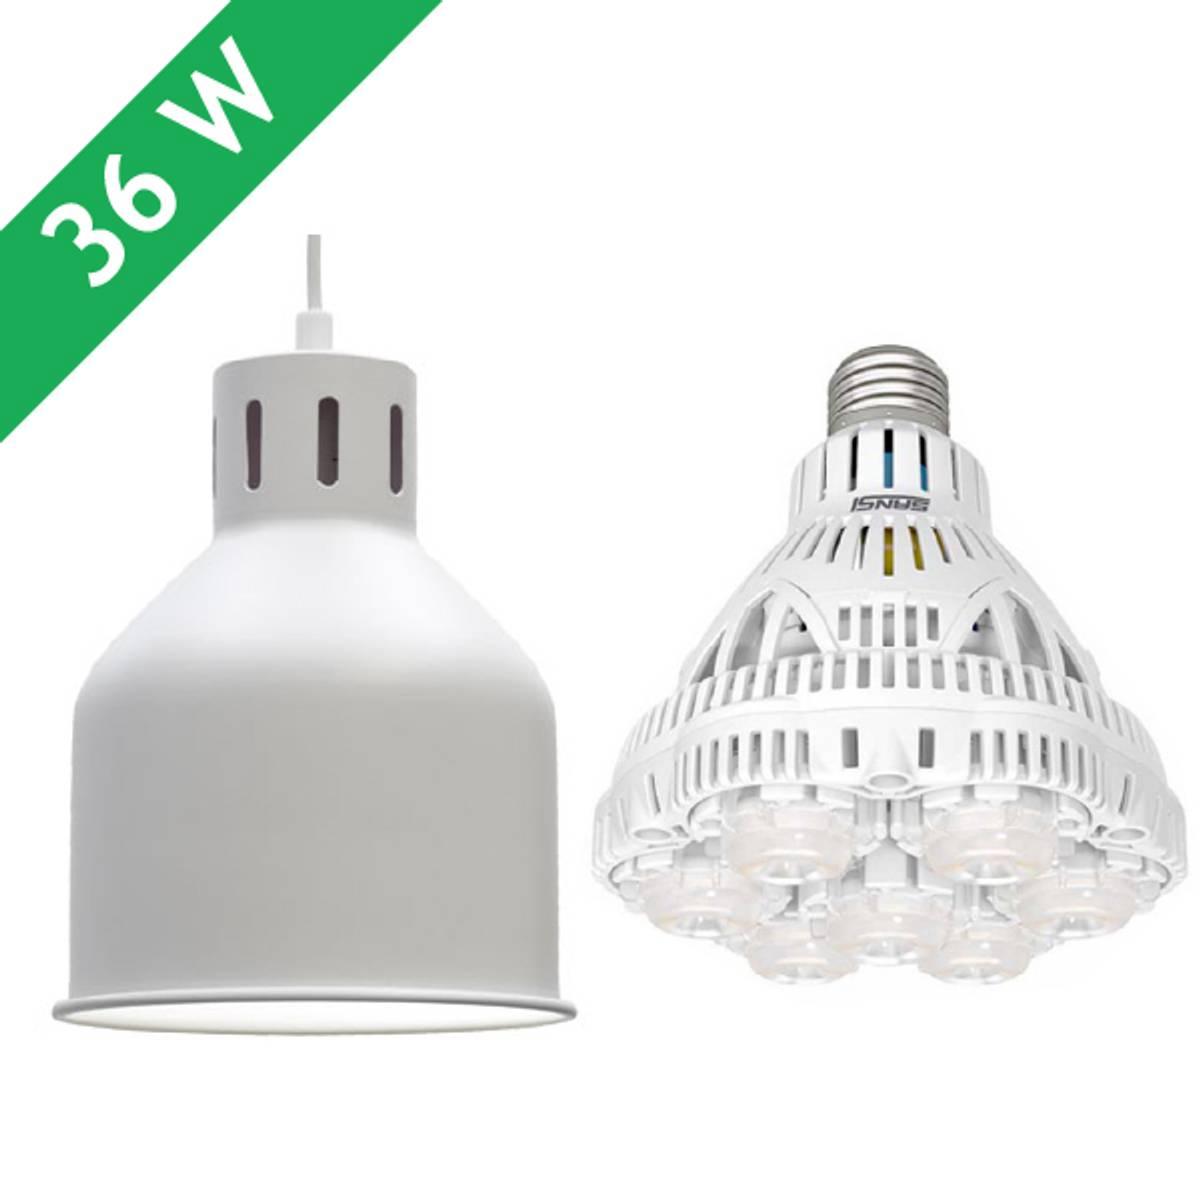 Saga armatur 'hvit' med LED-pære 36 W